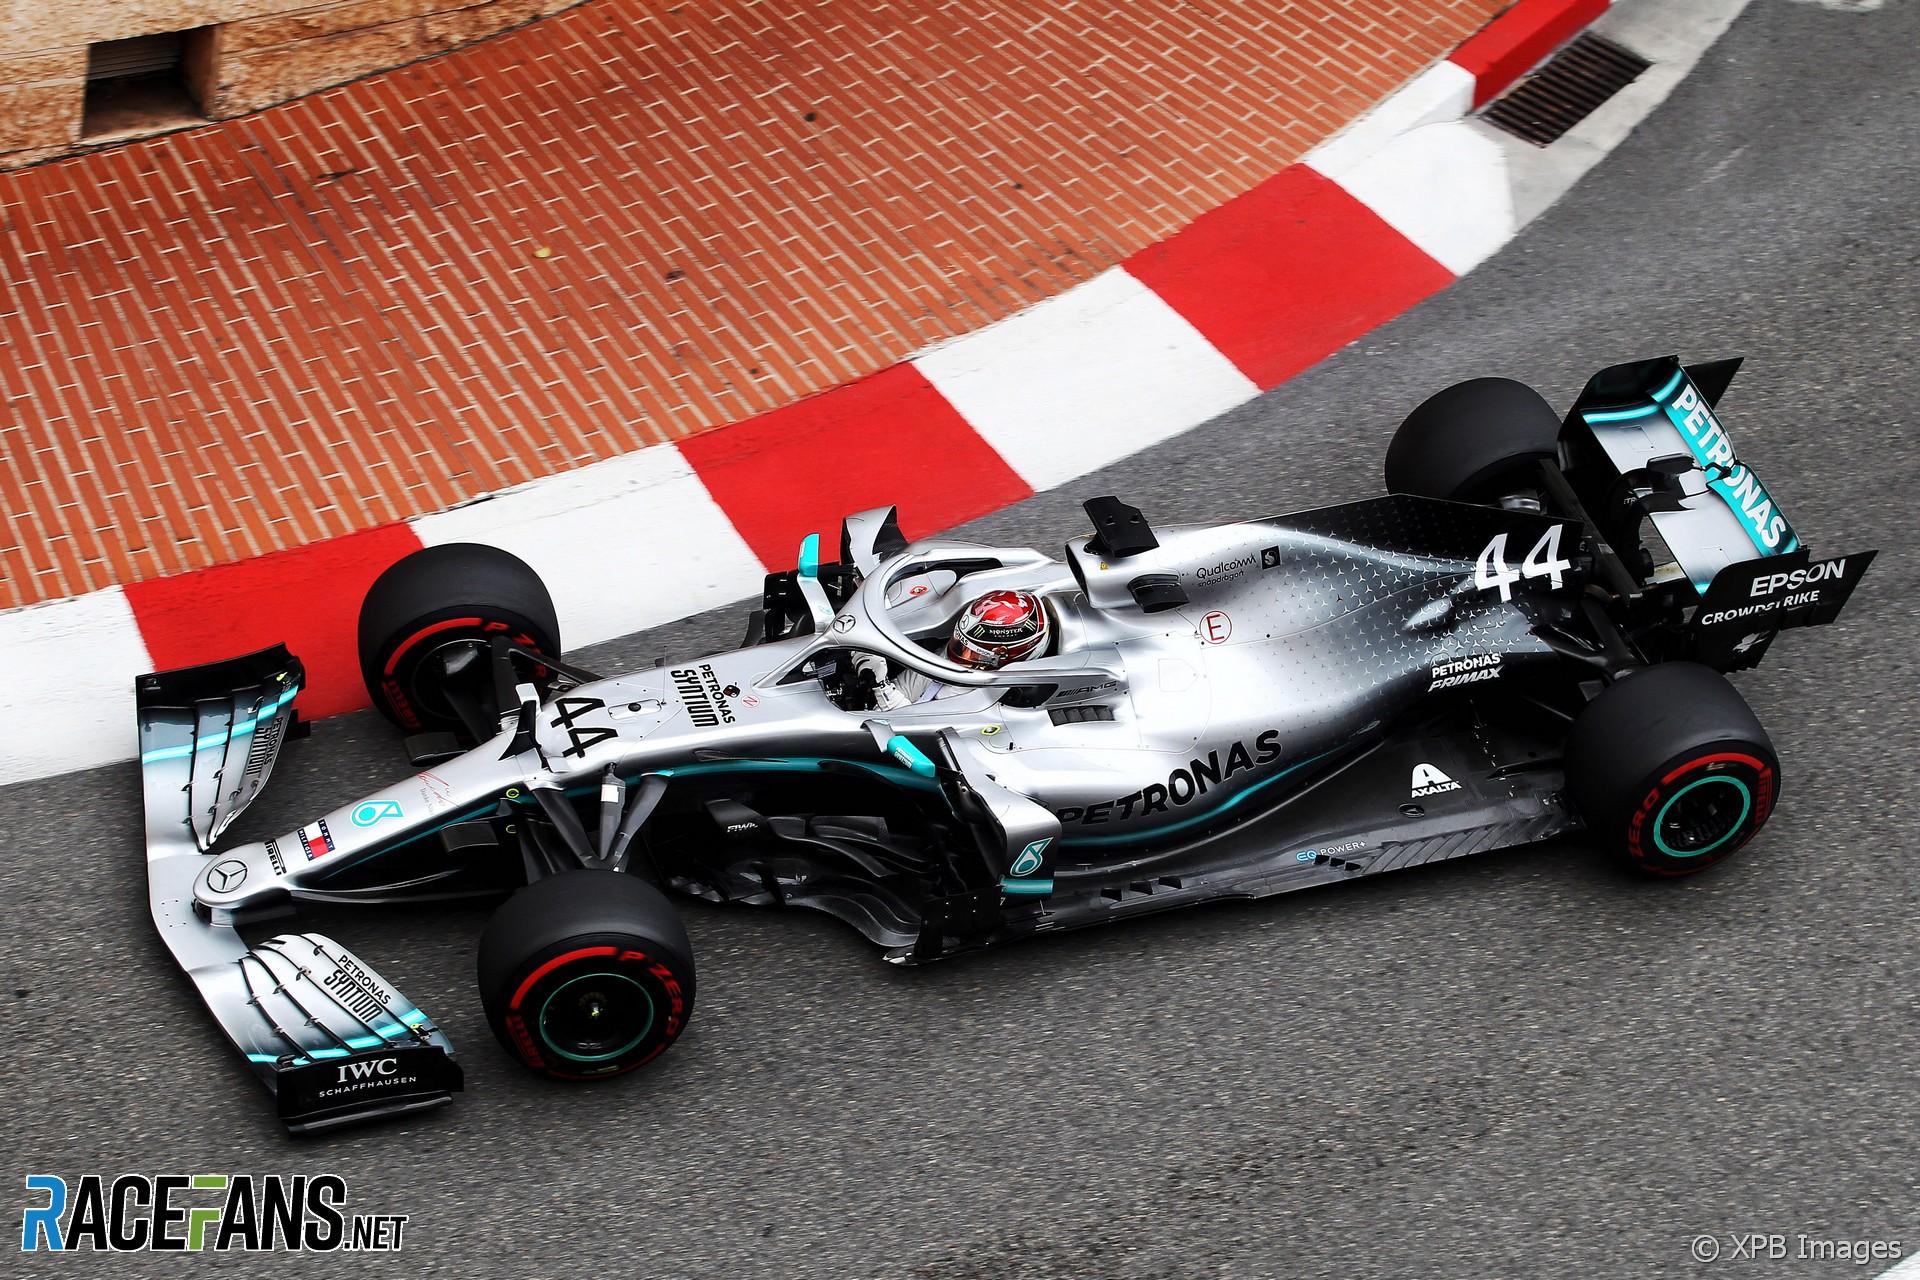 racefansdotnet-20190523-150609-22.jpg